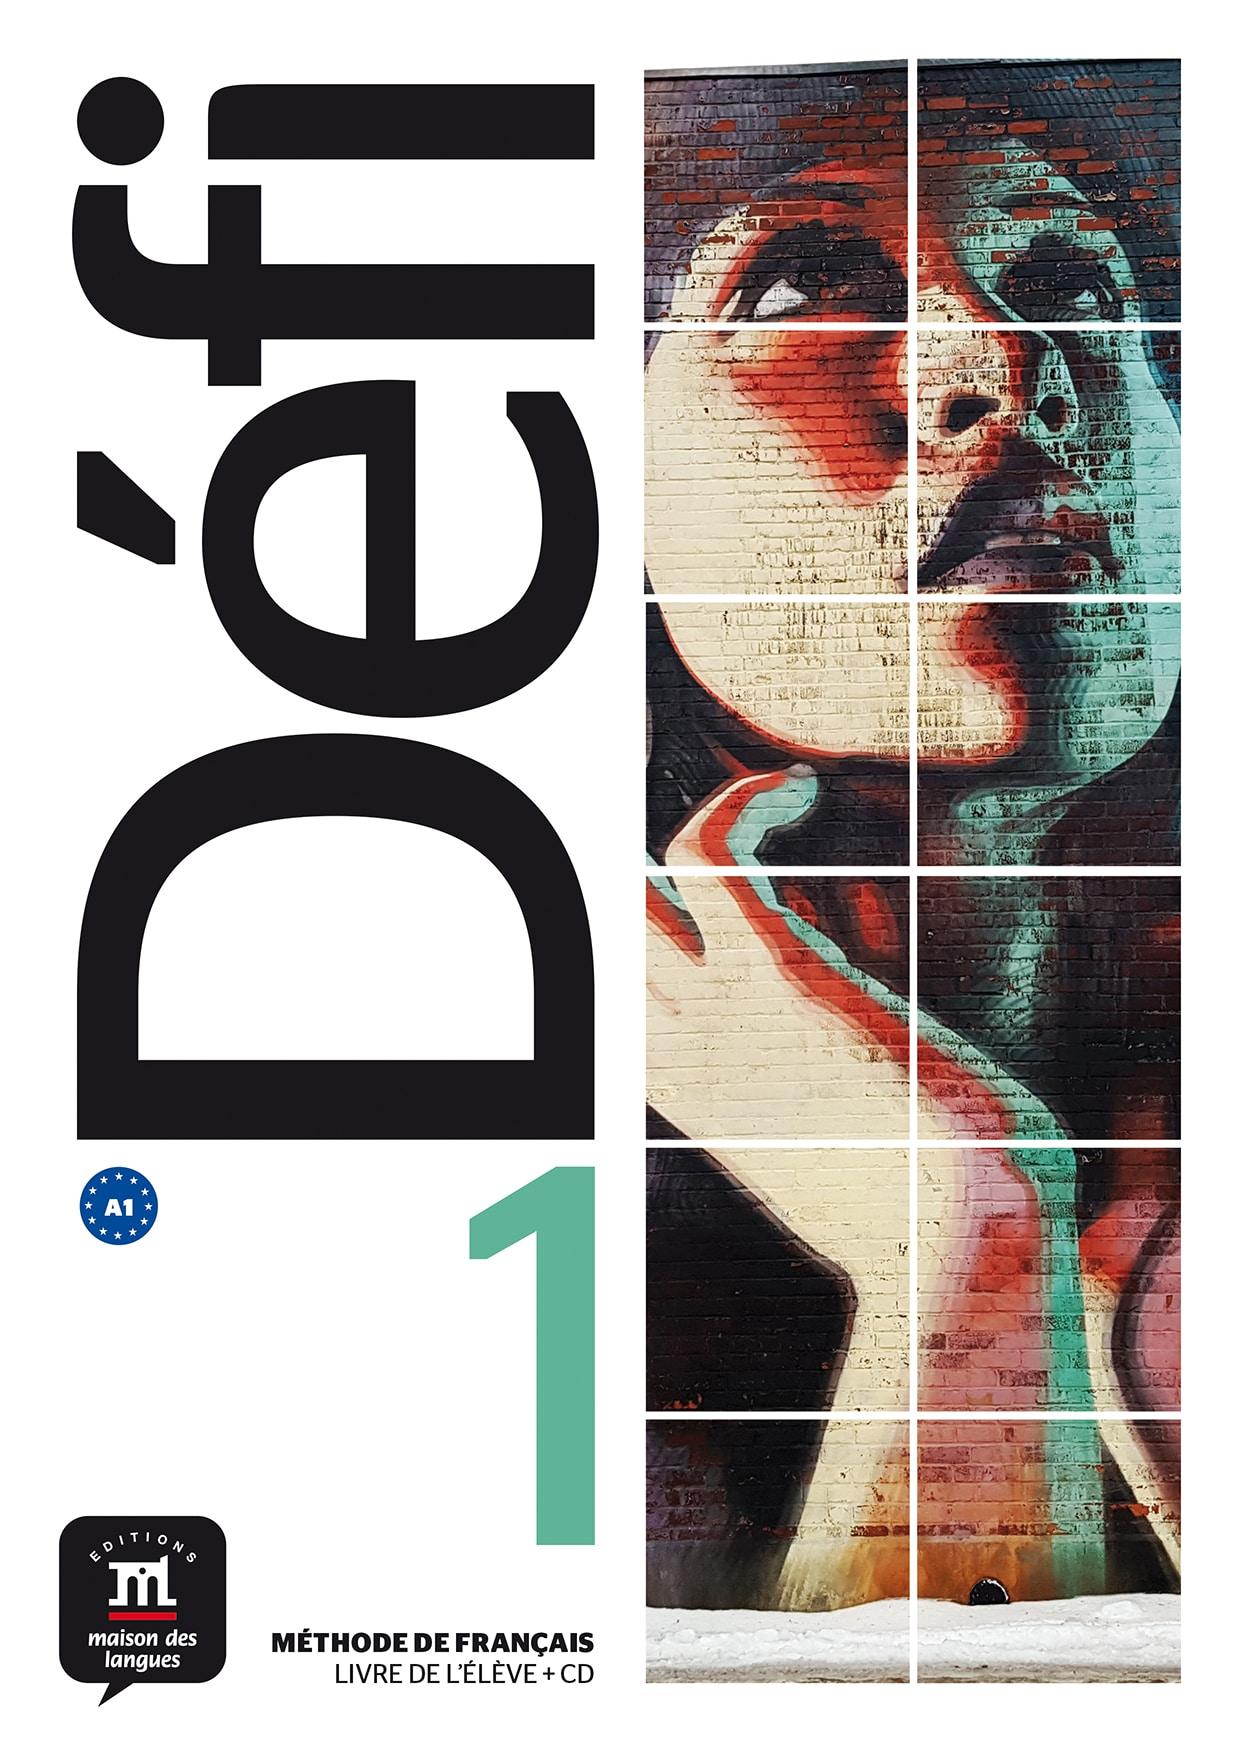 DEFI 1 : udžbenik za francuski jezik, 1. i/ili 2. razred gimnazija; methode de Fracais, Livre de l'eleve + CD autora Fatiha Chahi, Monique Denyer, Audrey Gloanec, Genevieve Briet, Valerie Neuenschwander, Raphaele Fouillet